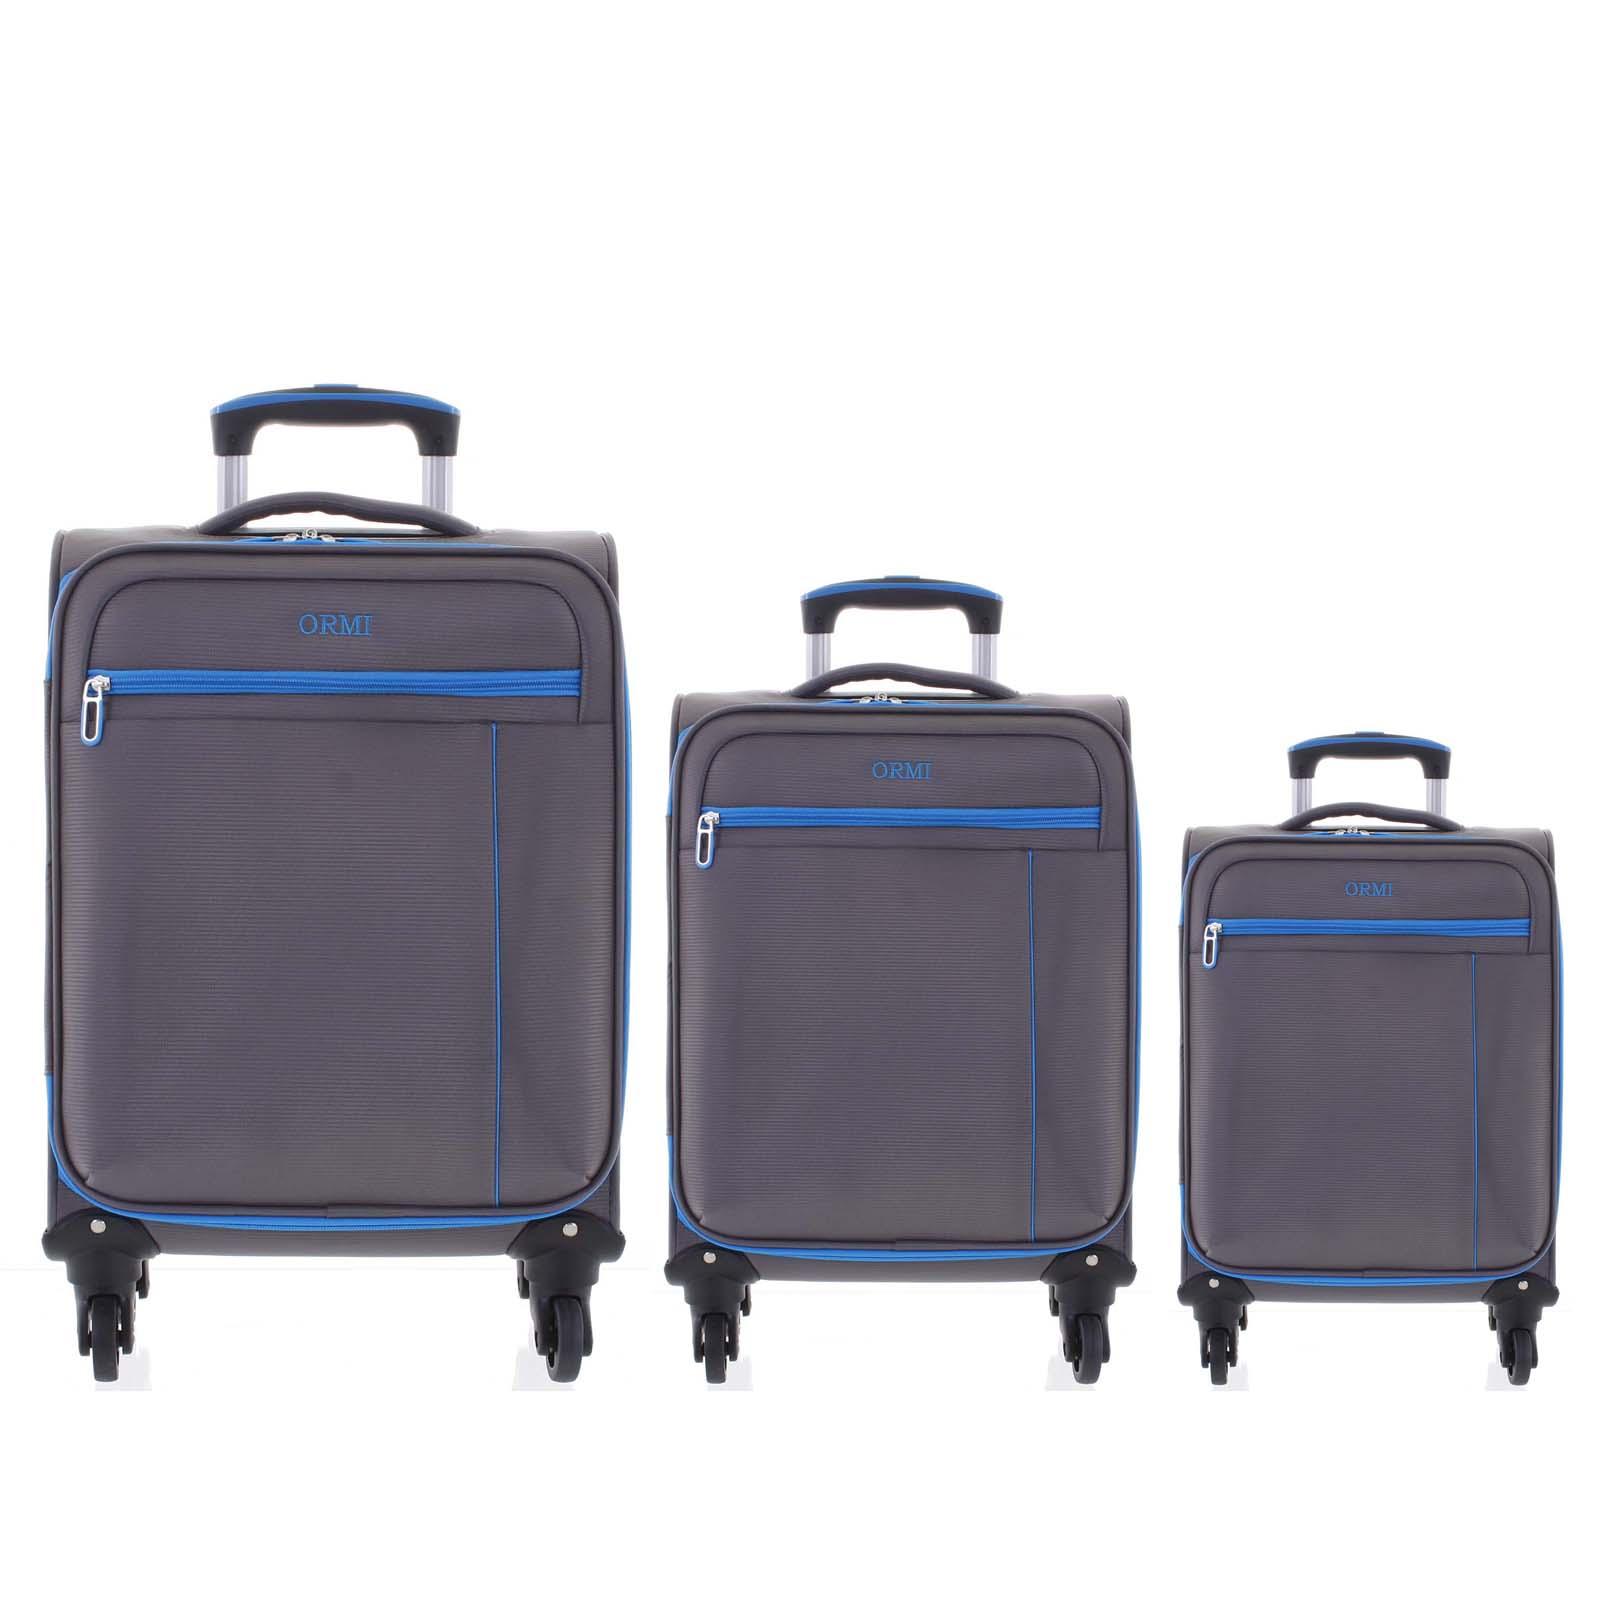 Kvalitný elegantný látkový sivý cestovný kufor sada - Ormi Mada L, M, S